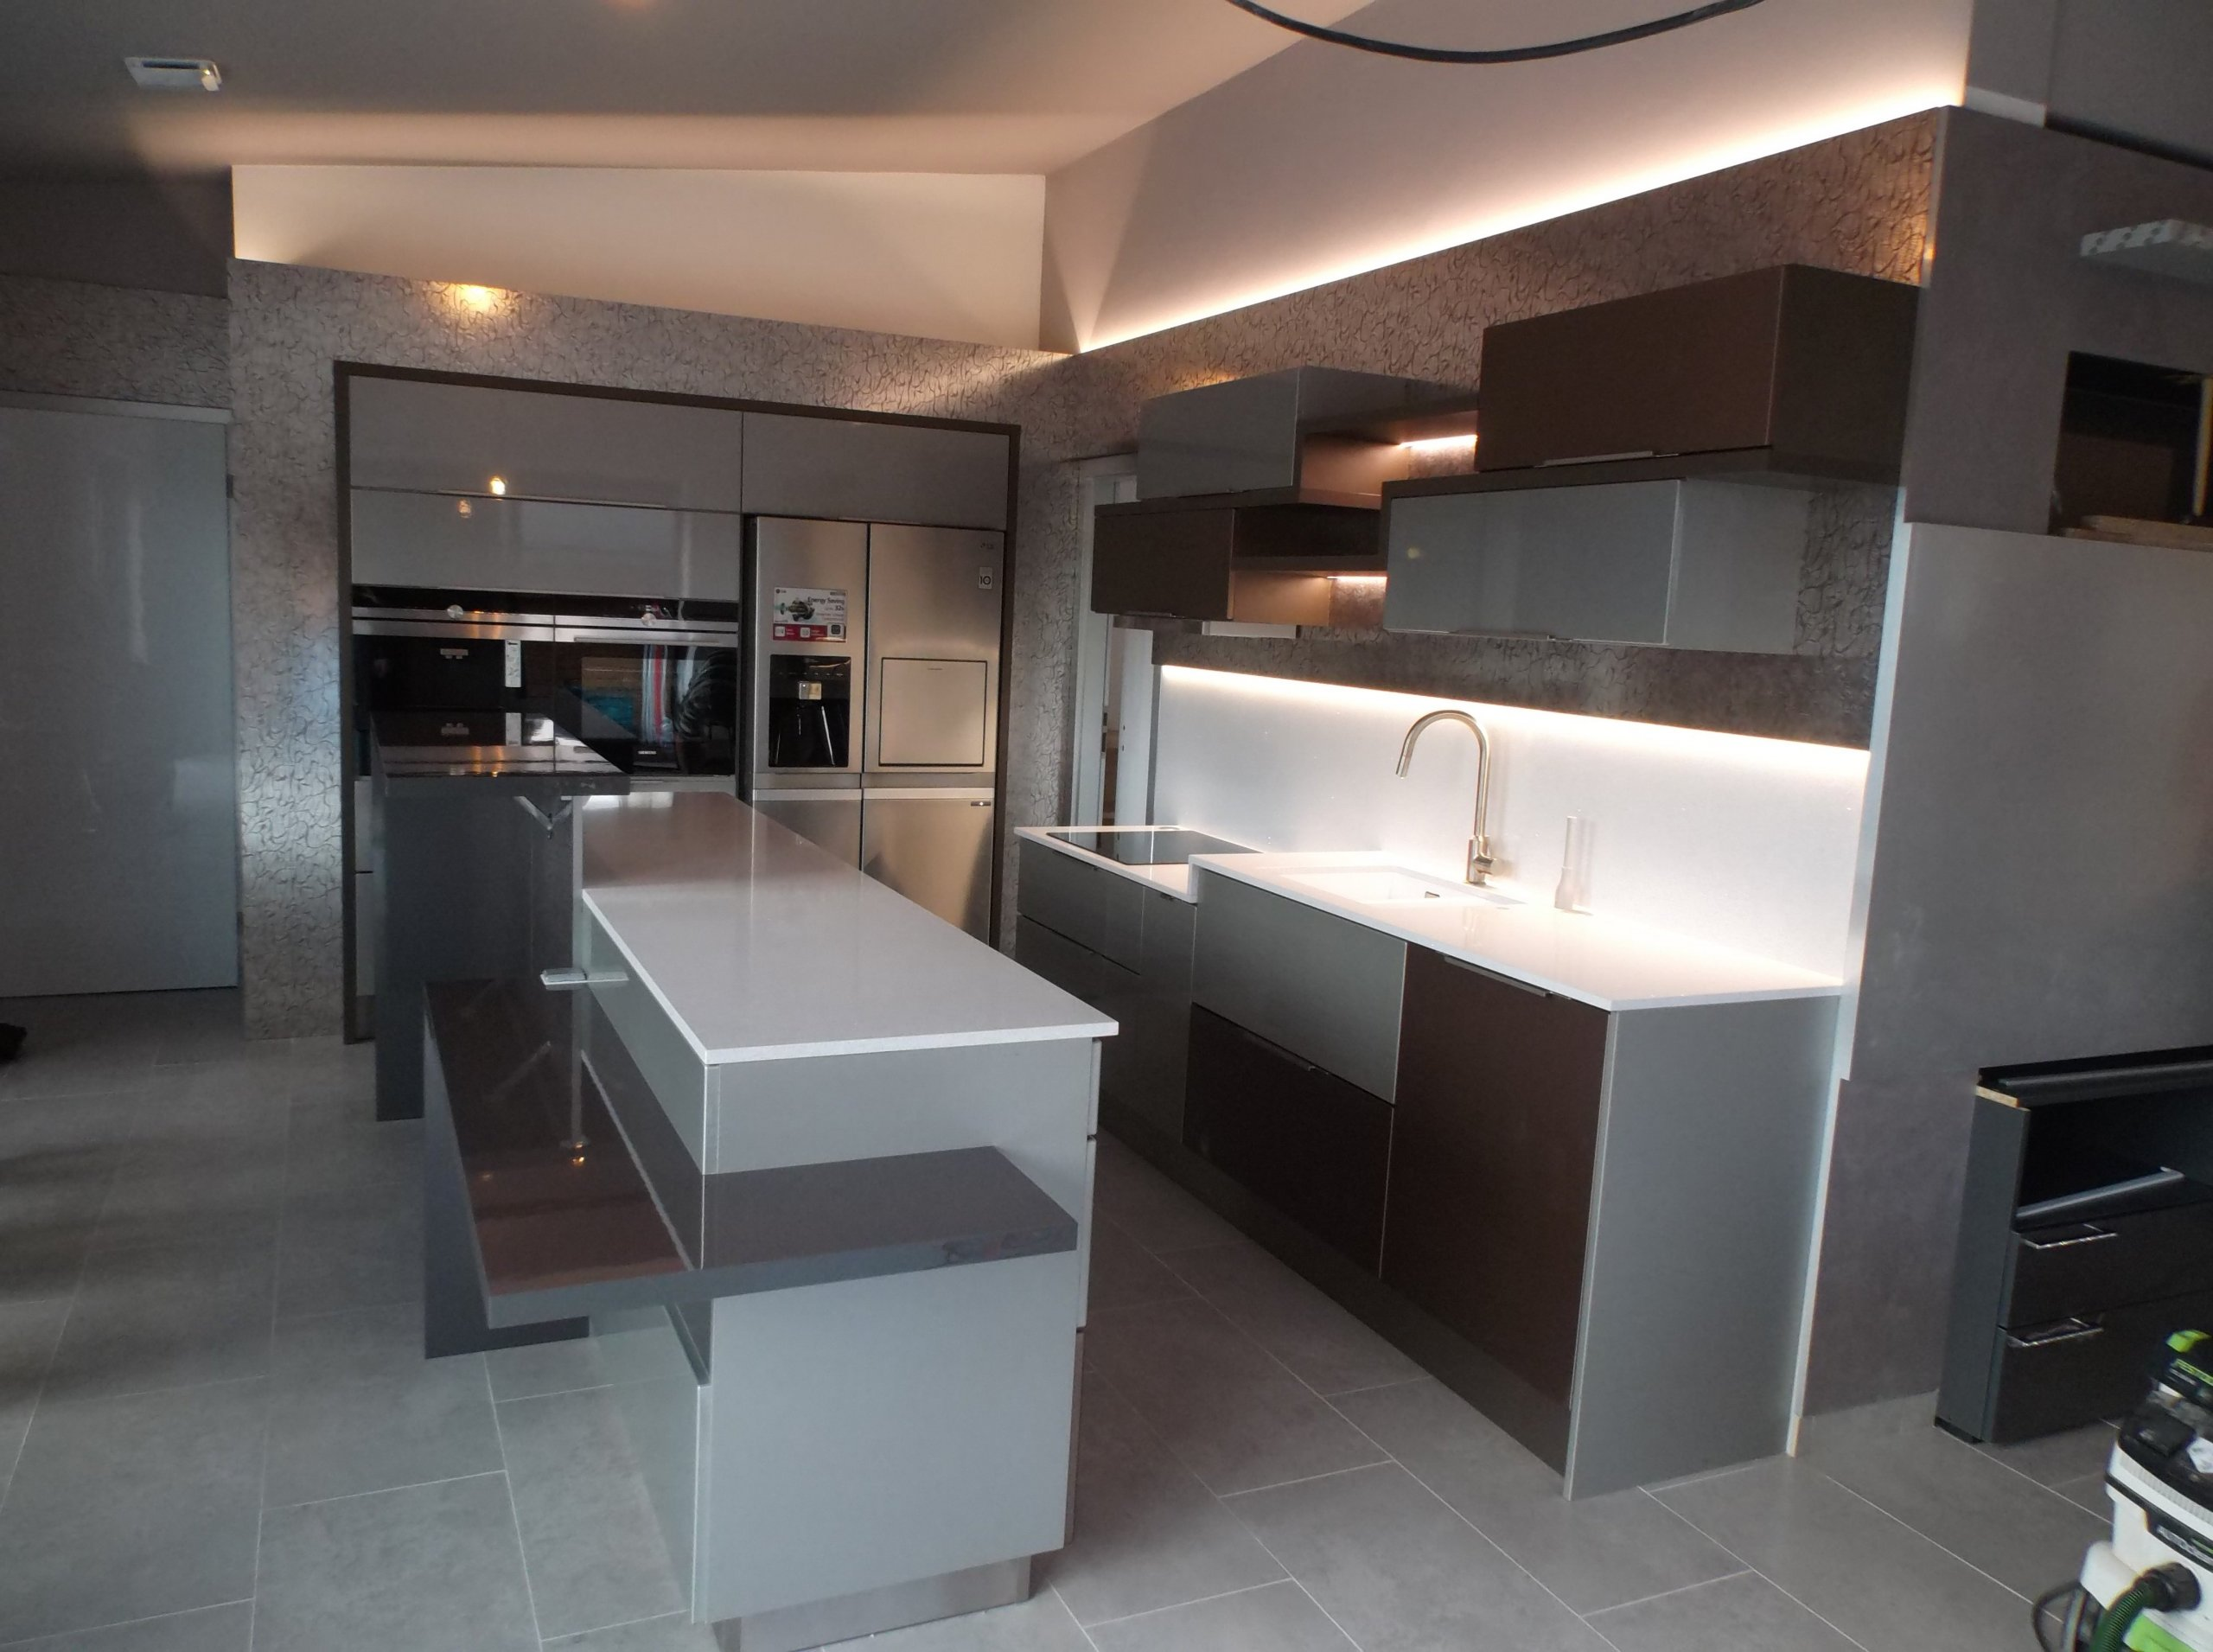 Kuchyně je v kombinaci bílá, metalická šedohnědá s bílou kamennou deskou, led osvětlením,  pro ozvláštnění je použita metalická SIBU folie.